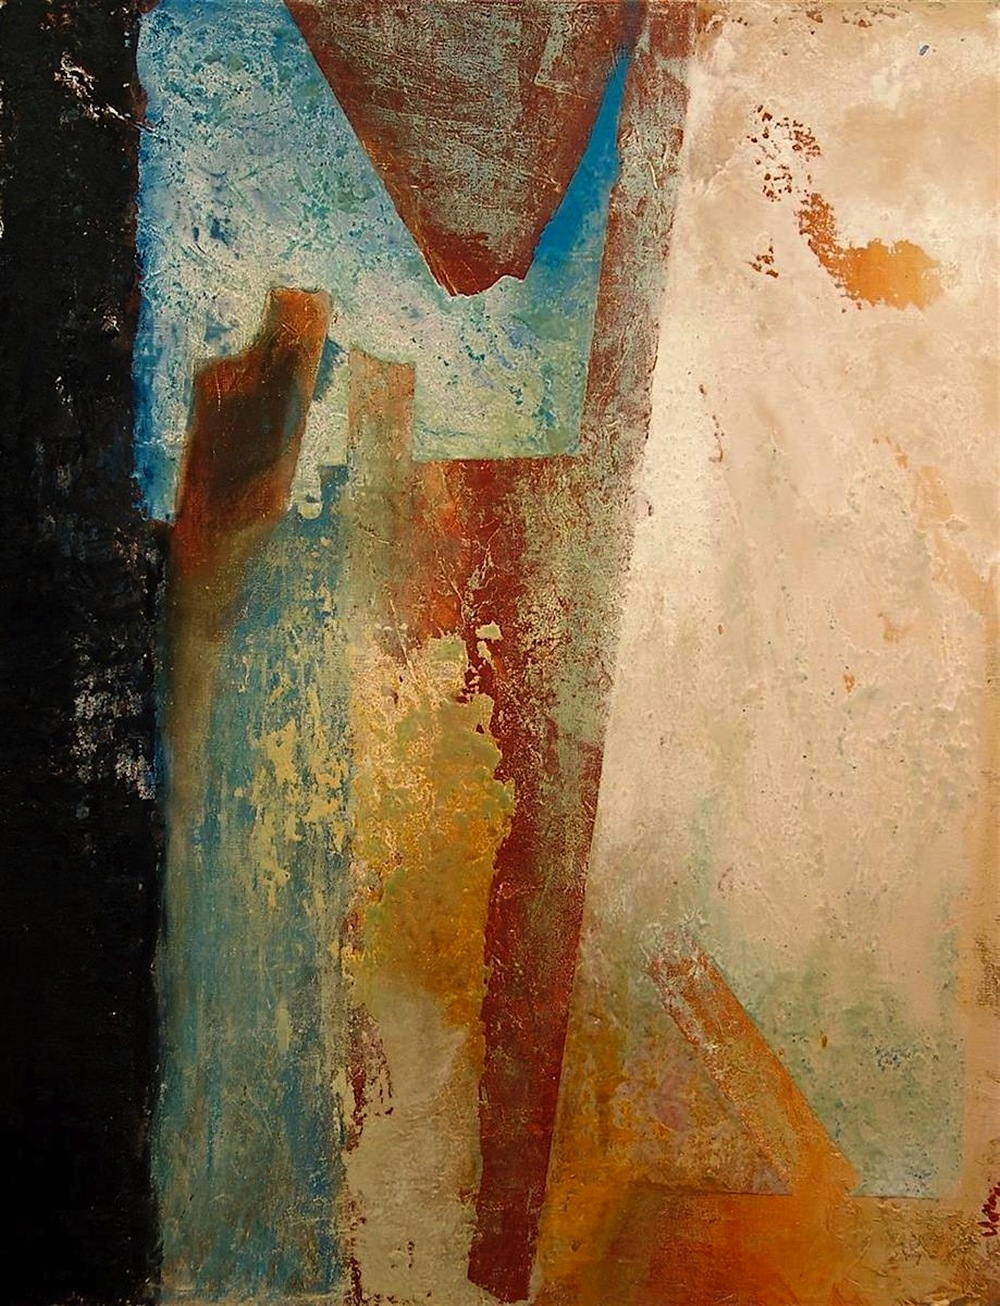 Nella Lush,   Fragment  , oils, 24x30, $2,900